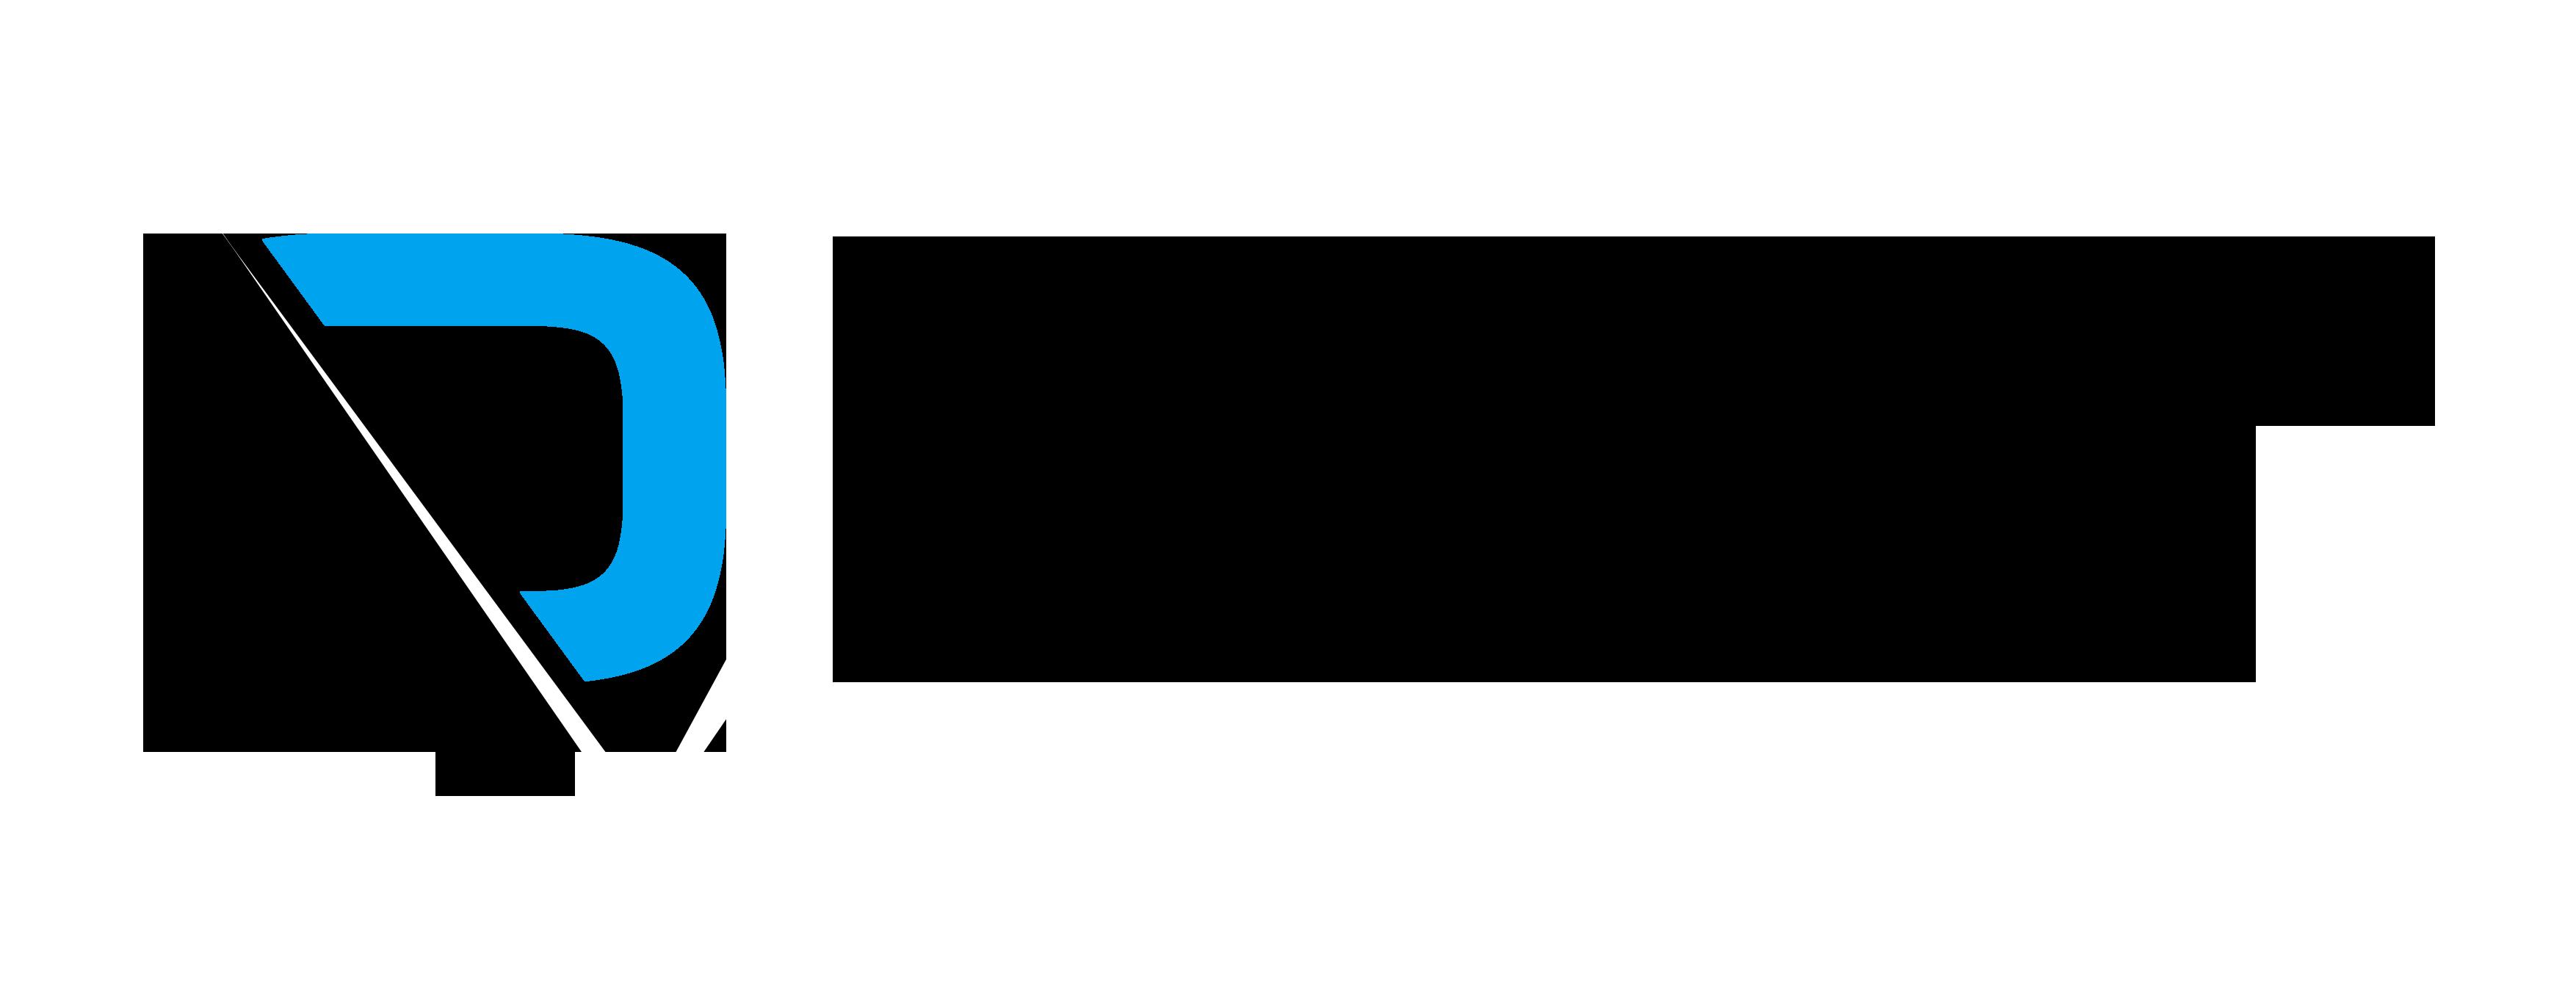 Quantic Dream logo